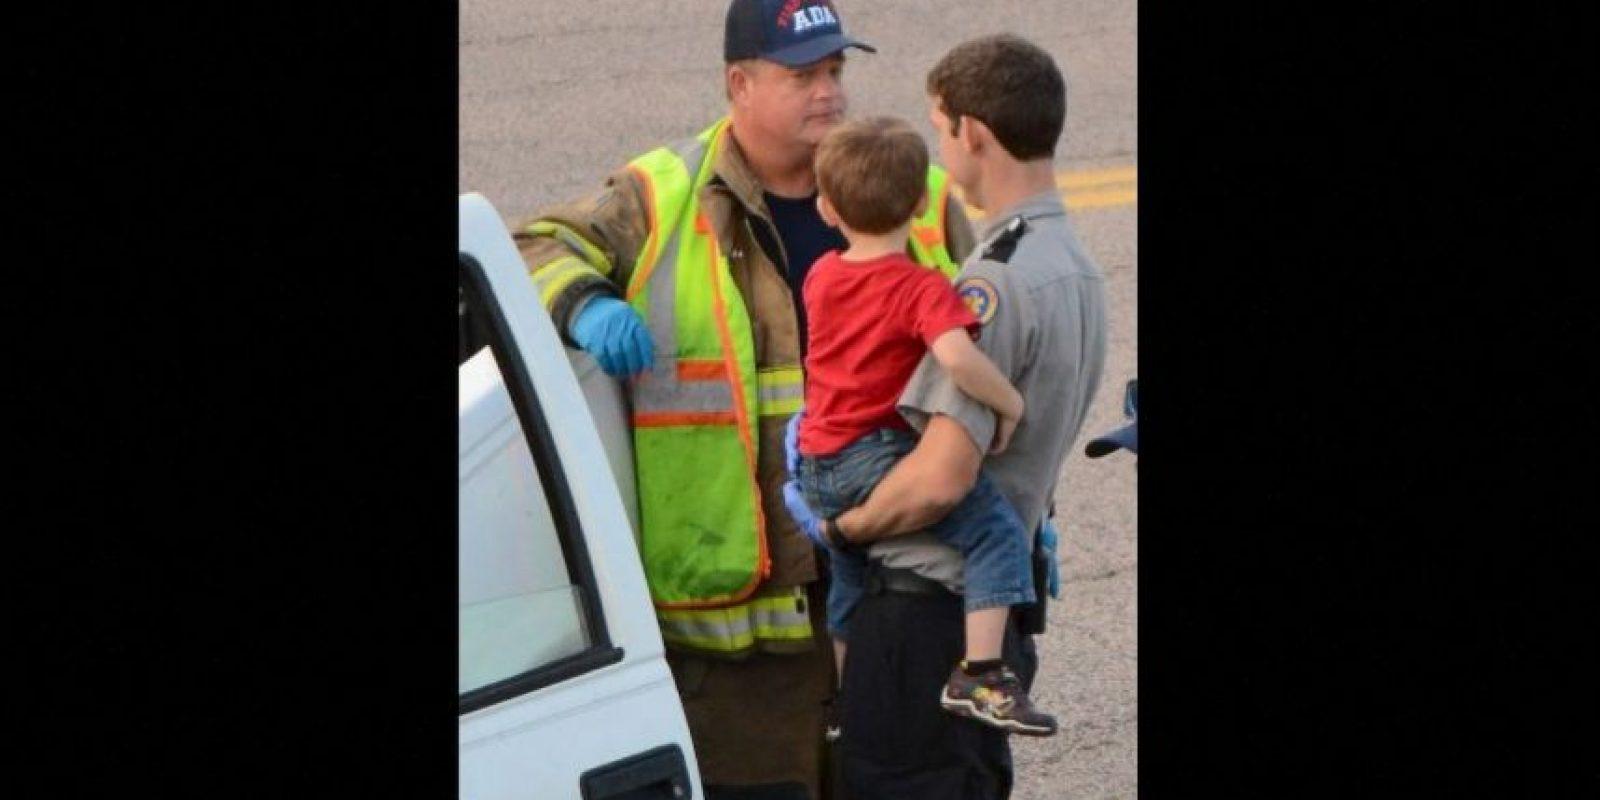 La mujer fue arrestada por sospecha de conducir bajo la influencia del alcohol y poner la vida de los niños en peligro. Foto:AP